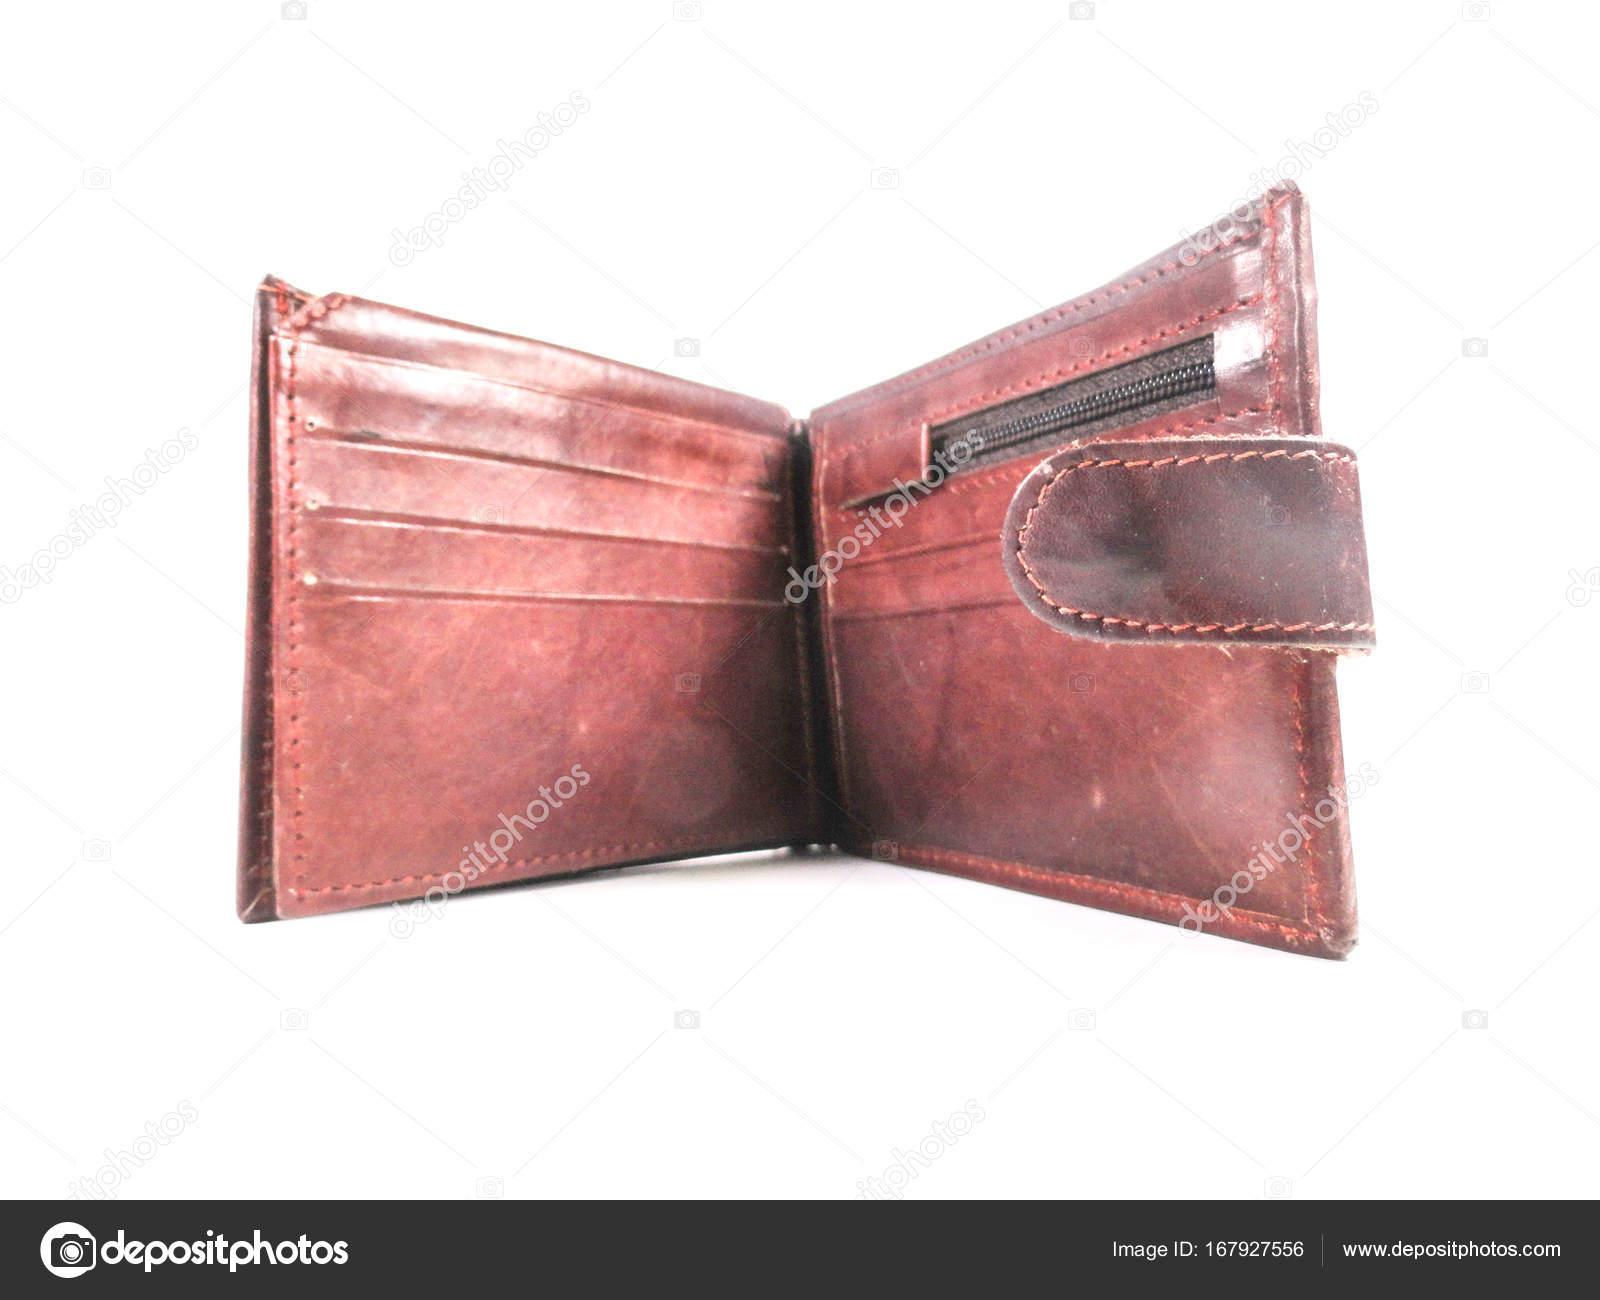 165154cb52 Πορτοφόλι. Ανδρικό πορτοφόλι. Γρι-γρι. Πορτοφόλι καφέ κατασκευασμένη από  δέρμα. Σε λευκό φόντο — Εικόνα από ...